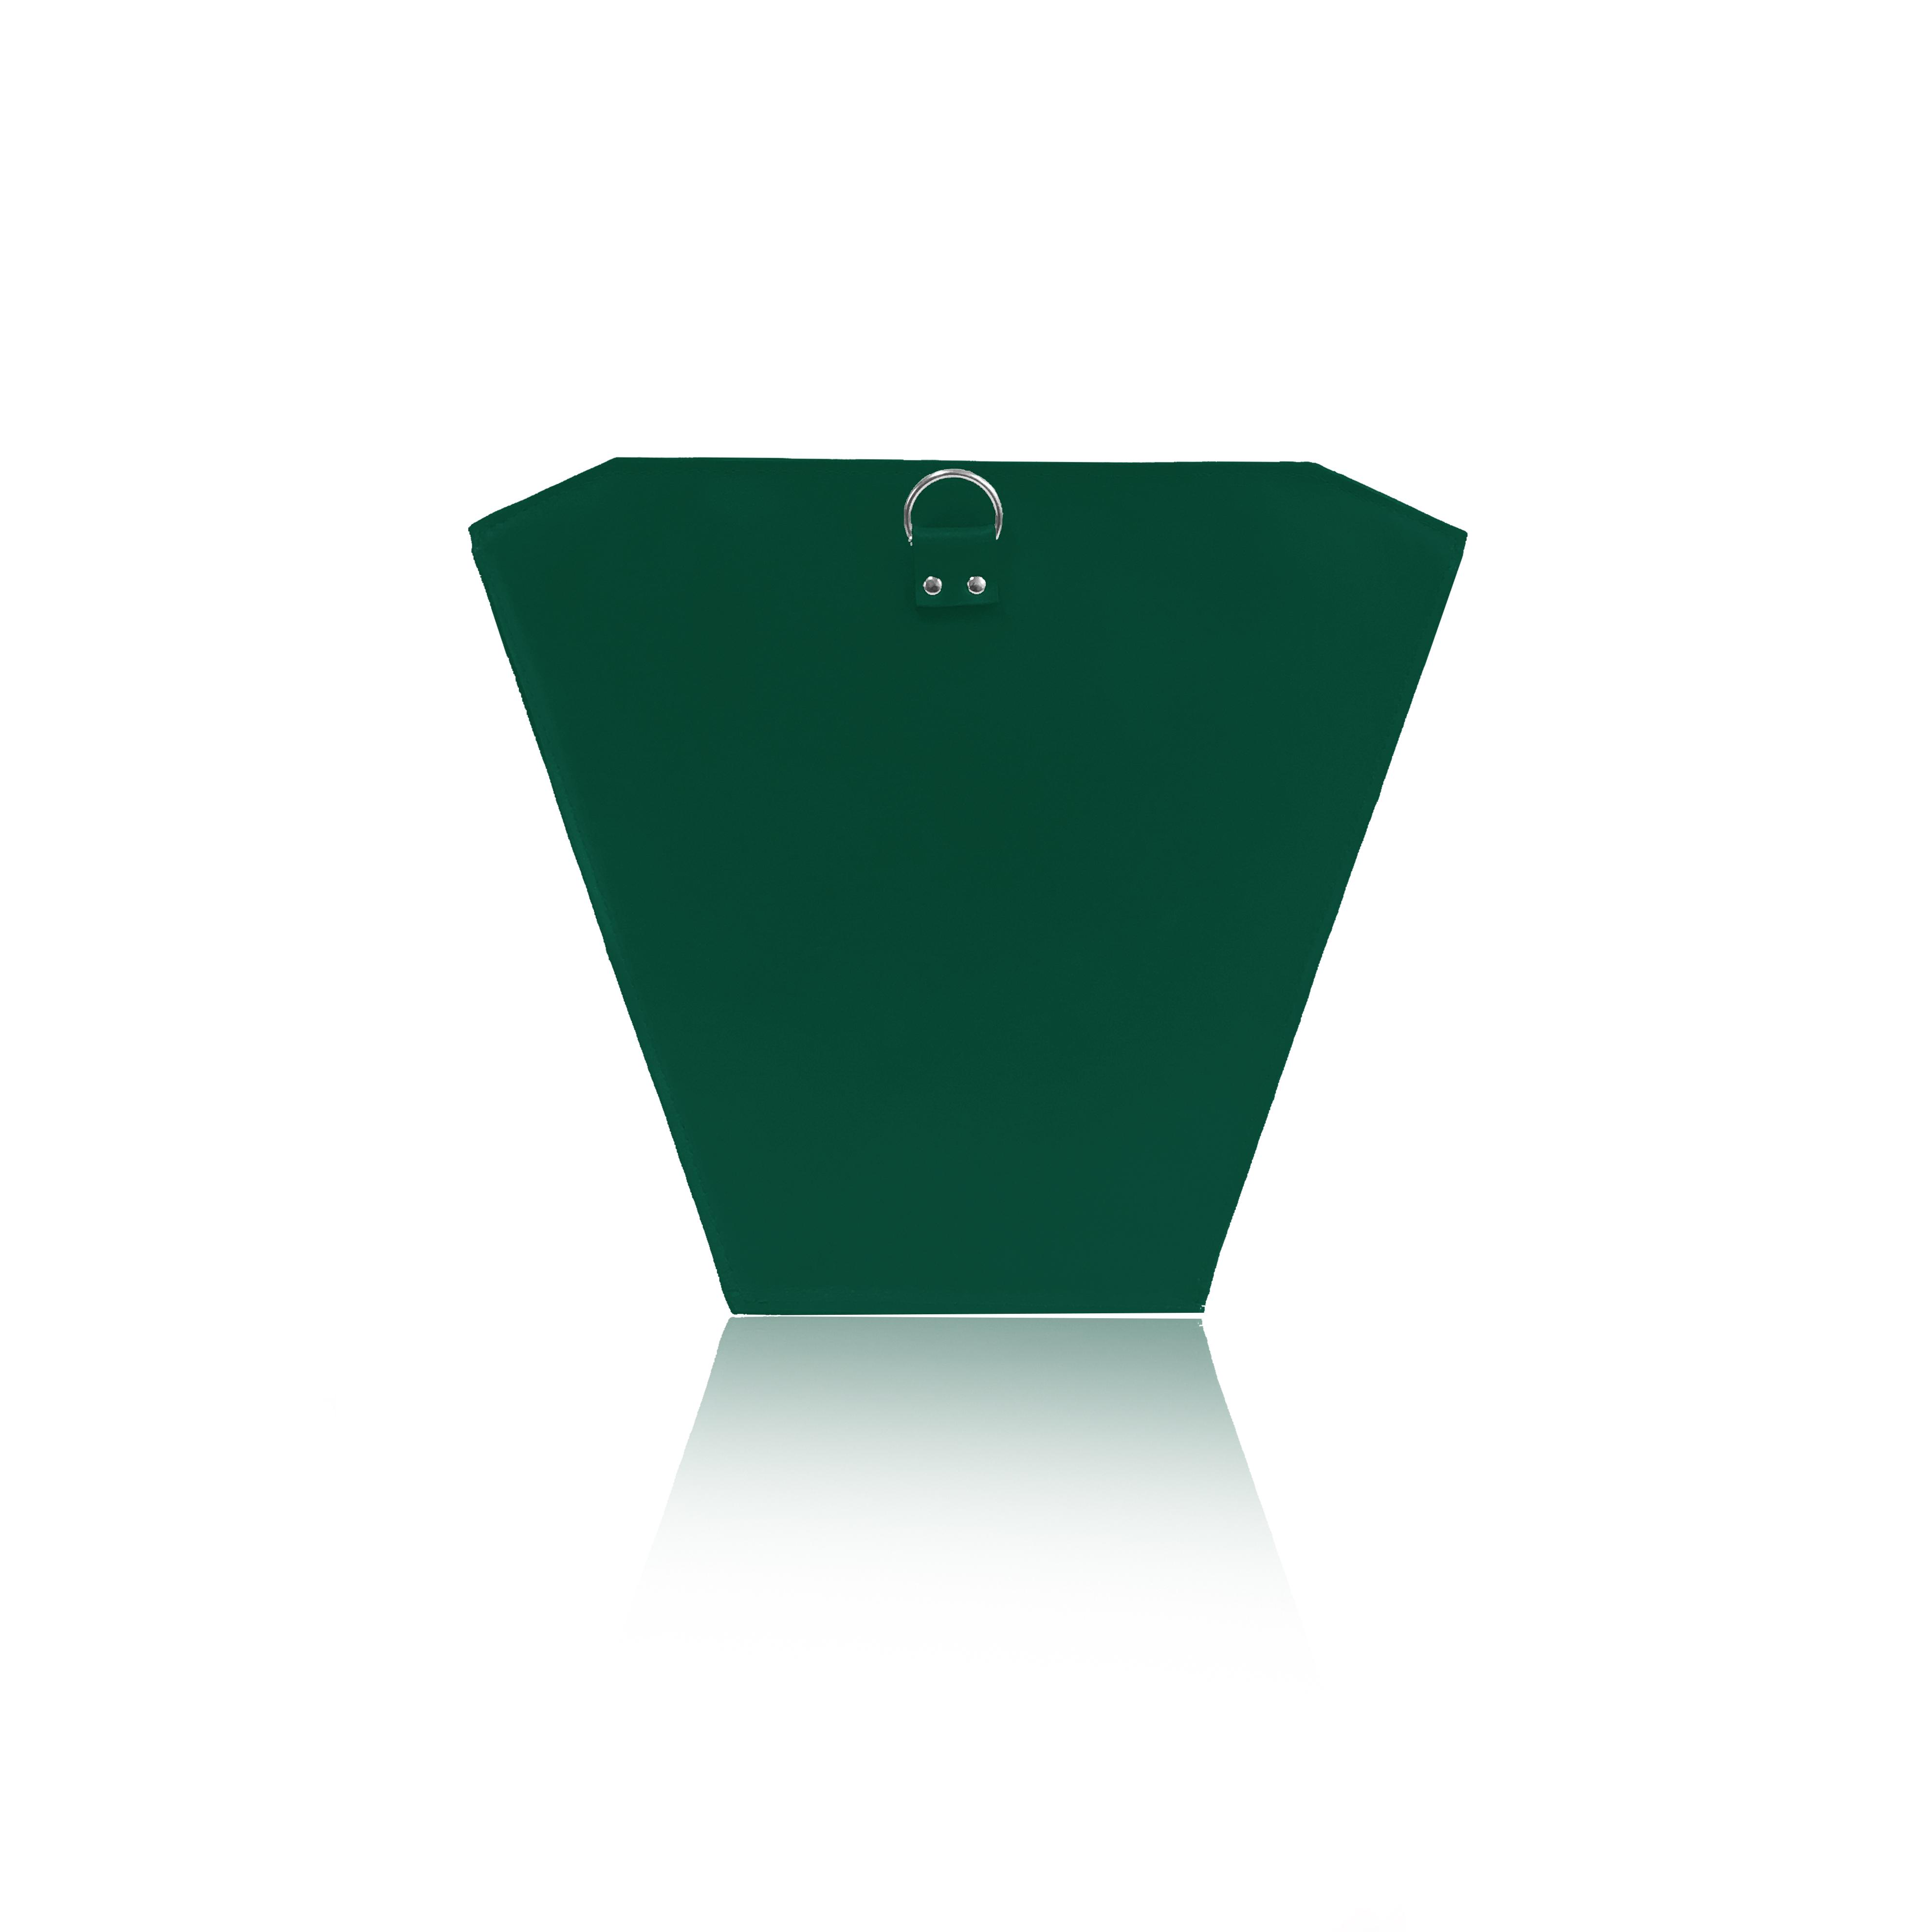 Zöld bőr válltáska, hátizsák, piramis táska, alaptáska